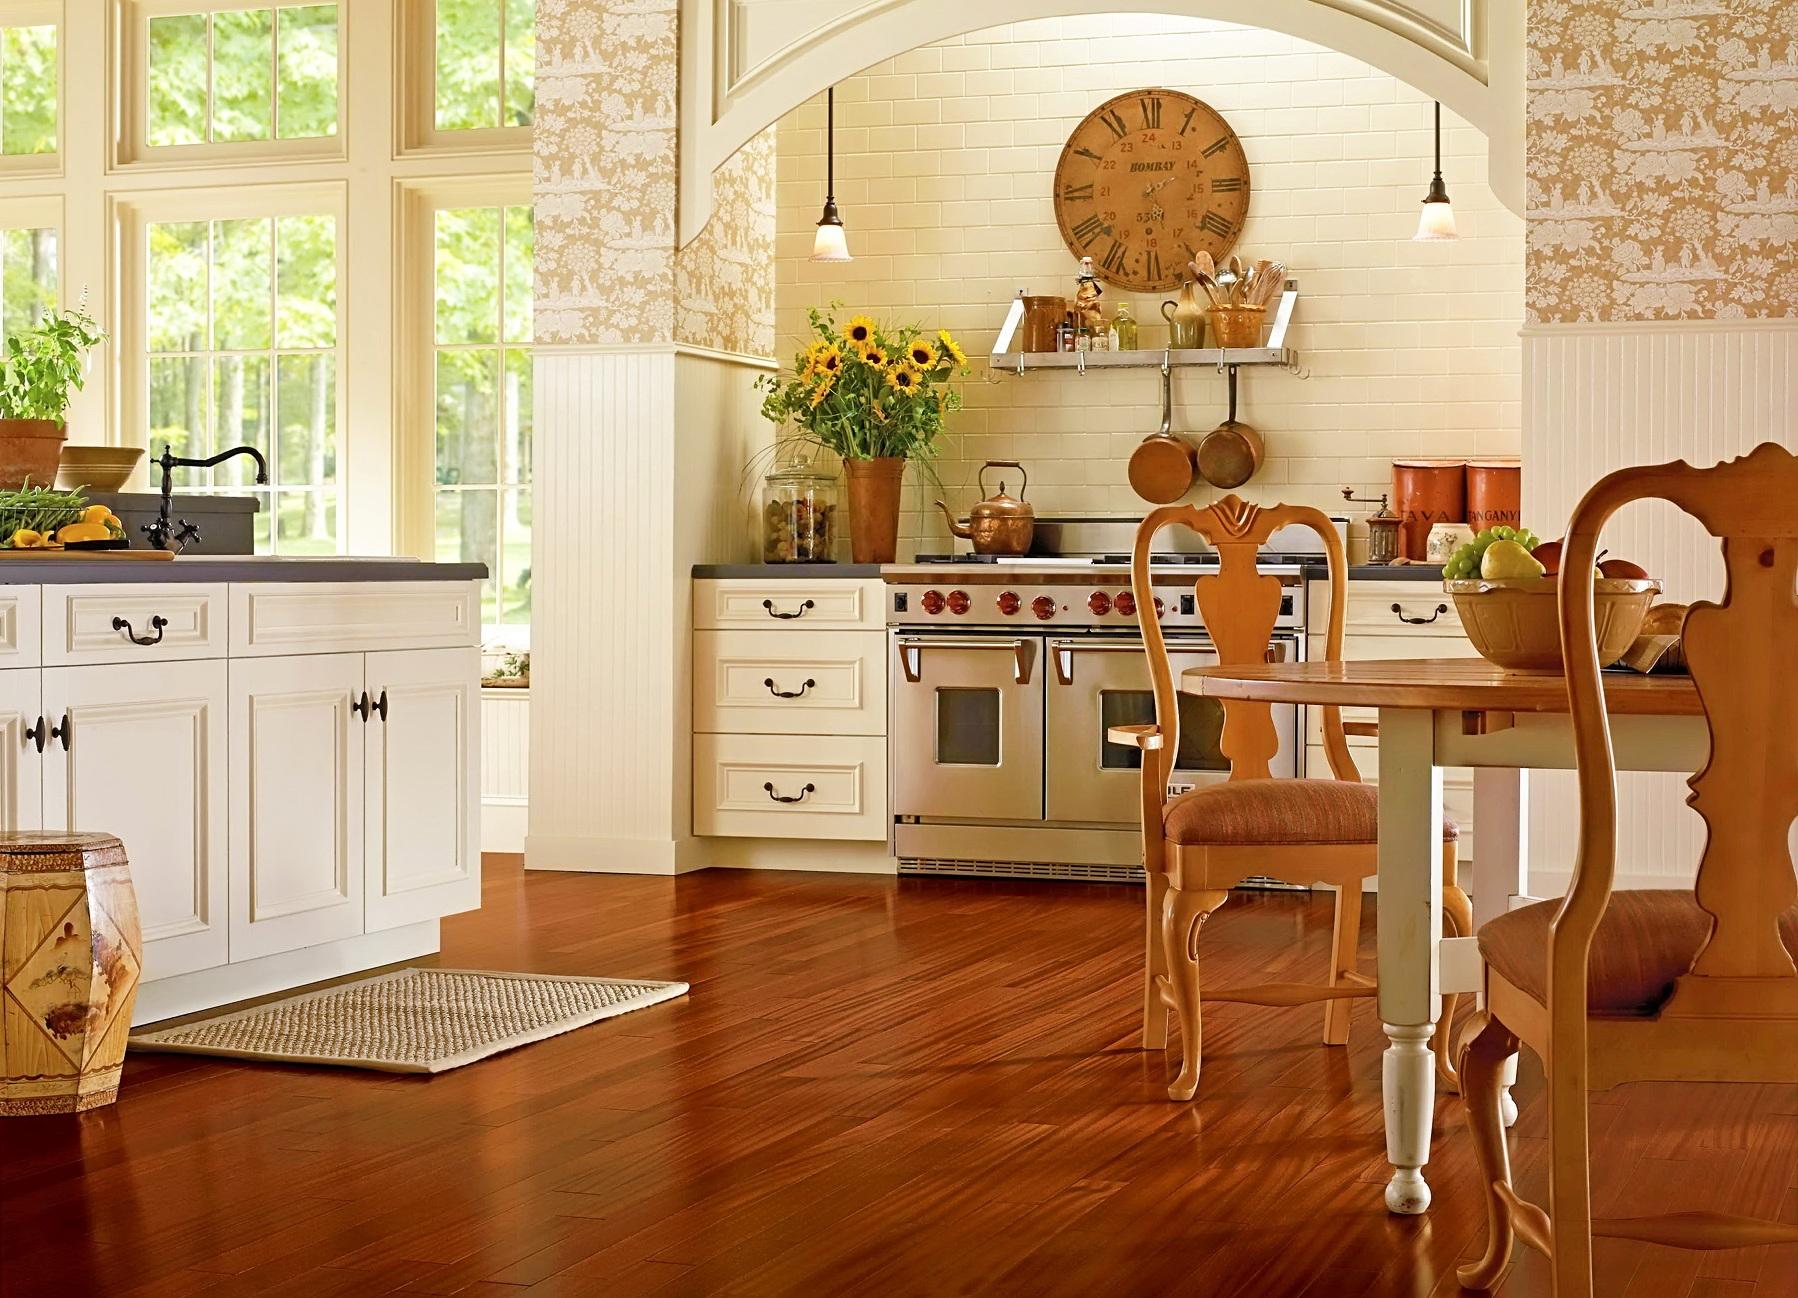 Напольное покрытие для кухни: из чего лучше сделать, что лучше стелить, виды